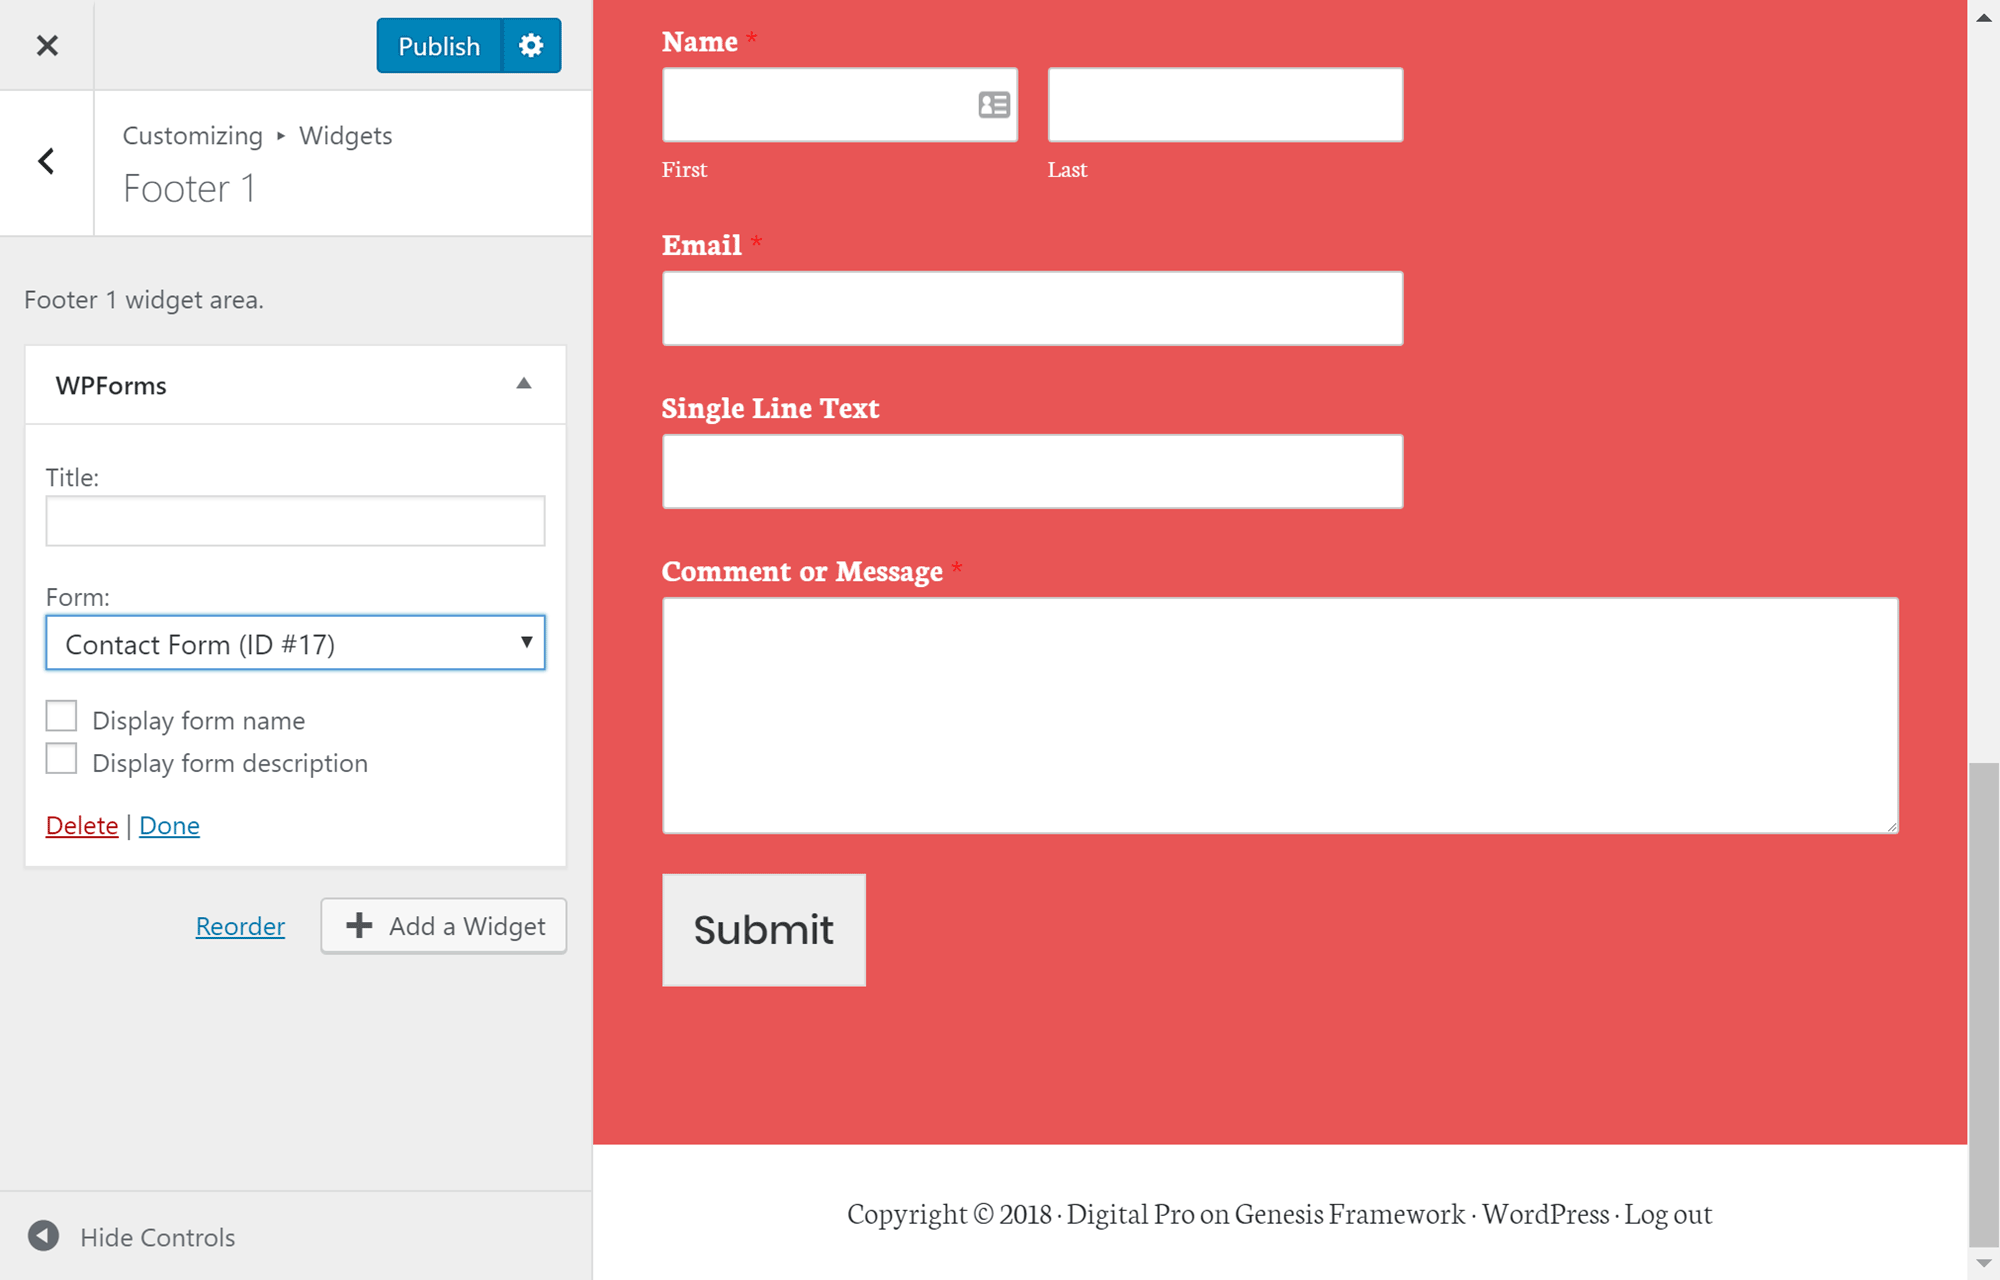 WPForms widgetından istifadə edin